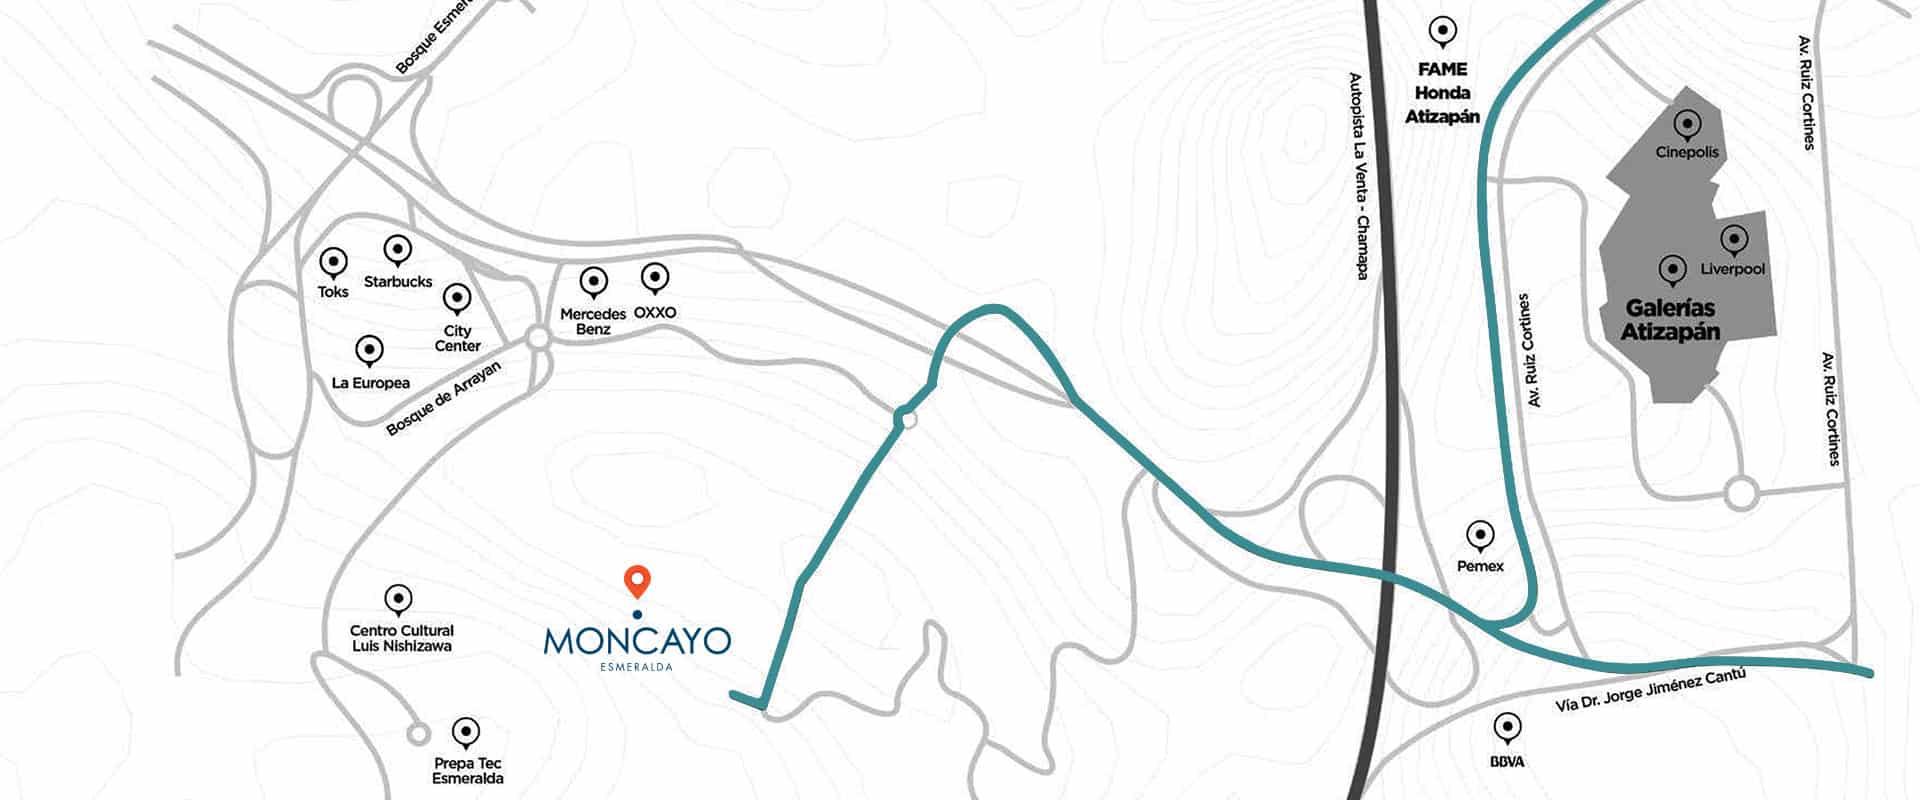 Mapa de Ubicación de Moncayo Esmeralda